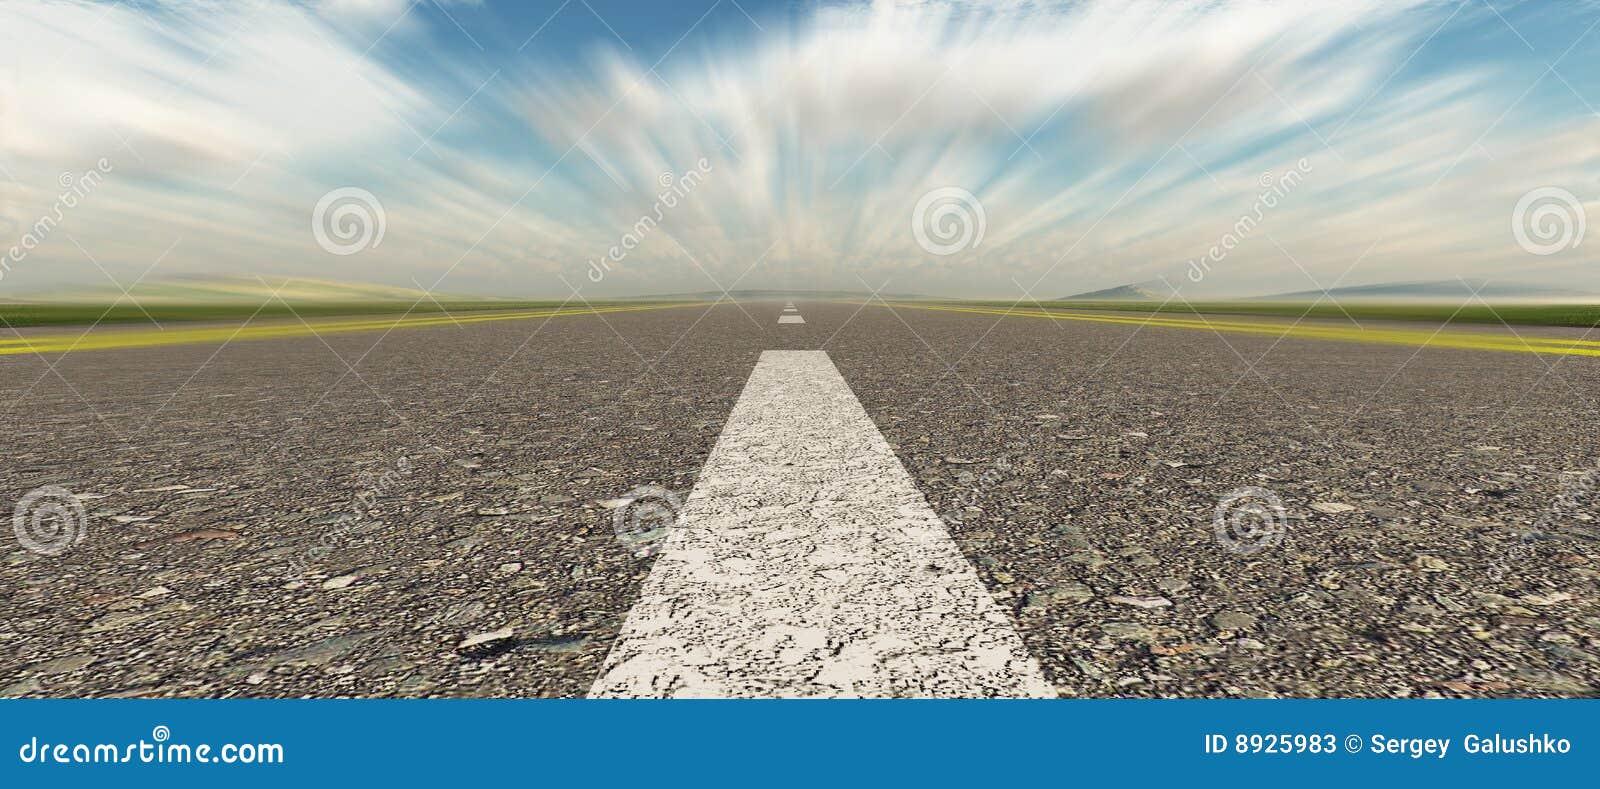 Velocità della strada asfaltata panoramica